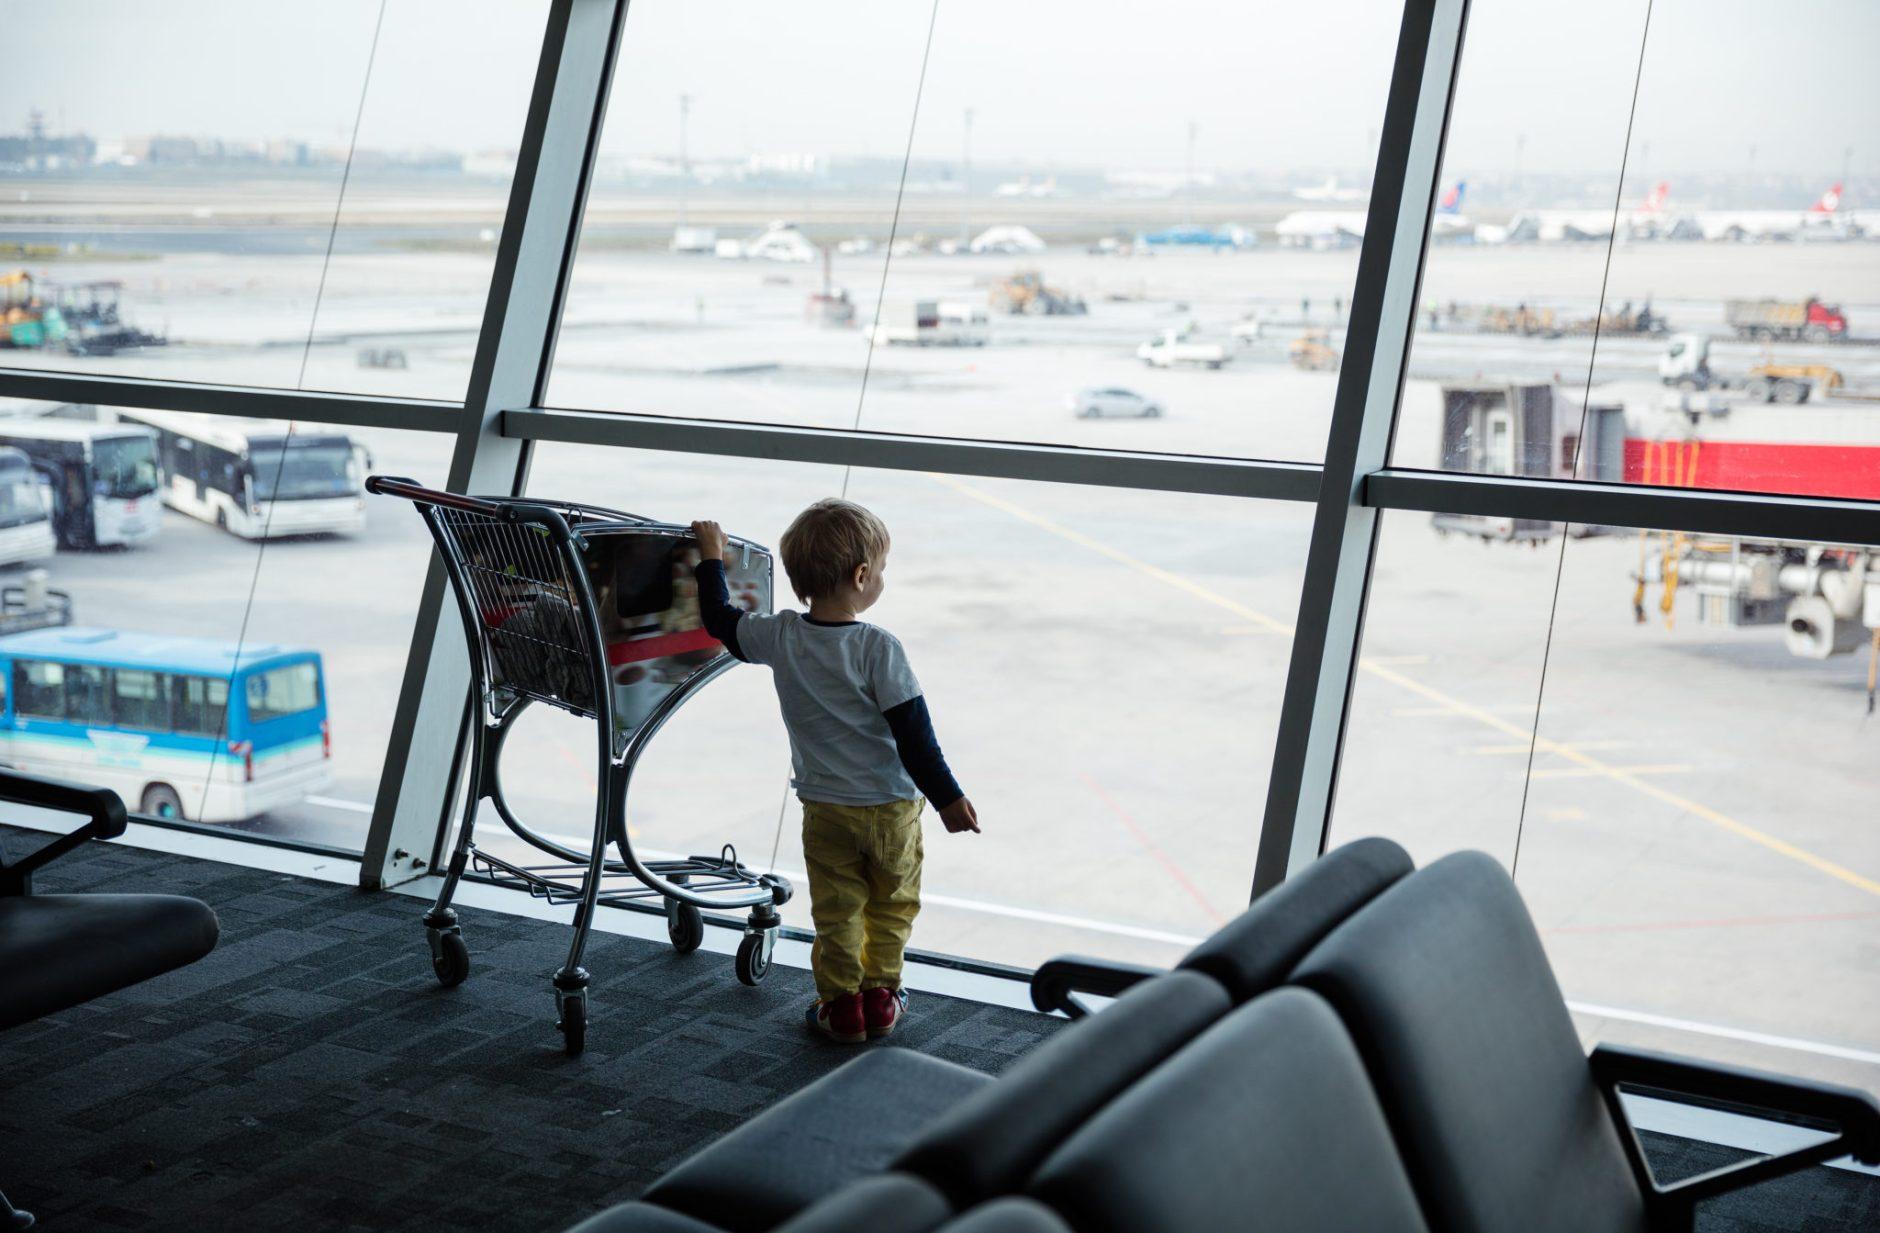 Voyage en avion avec bébé et enfant : les bagages en cabine